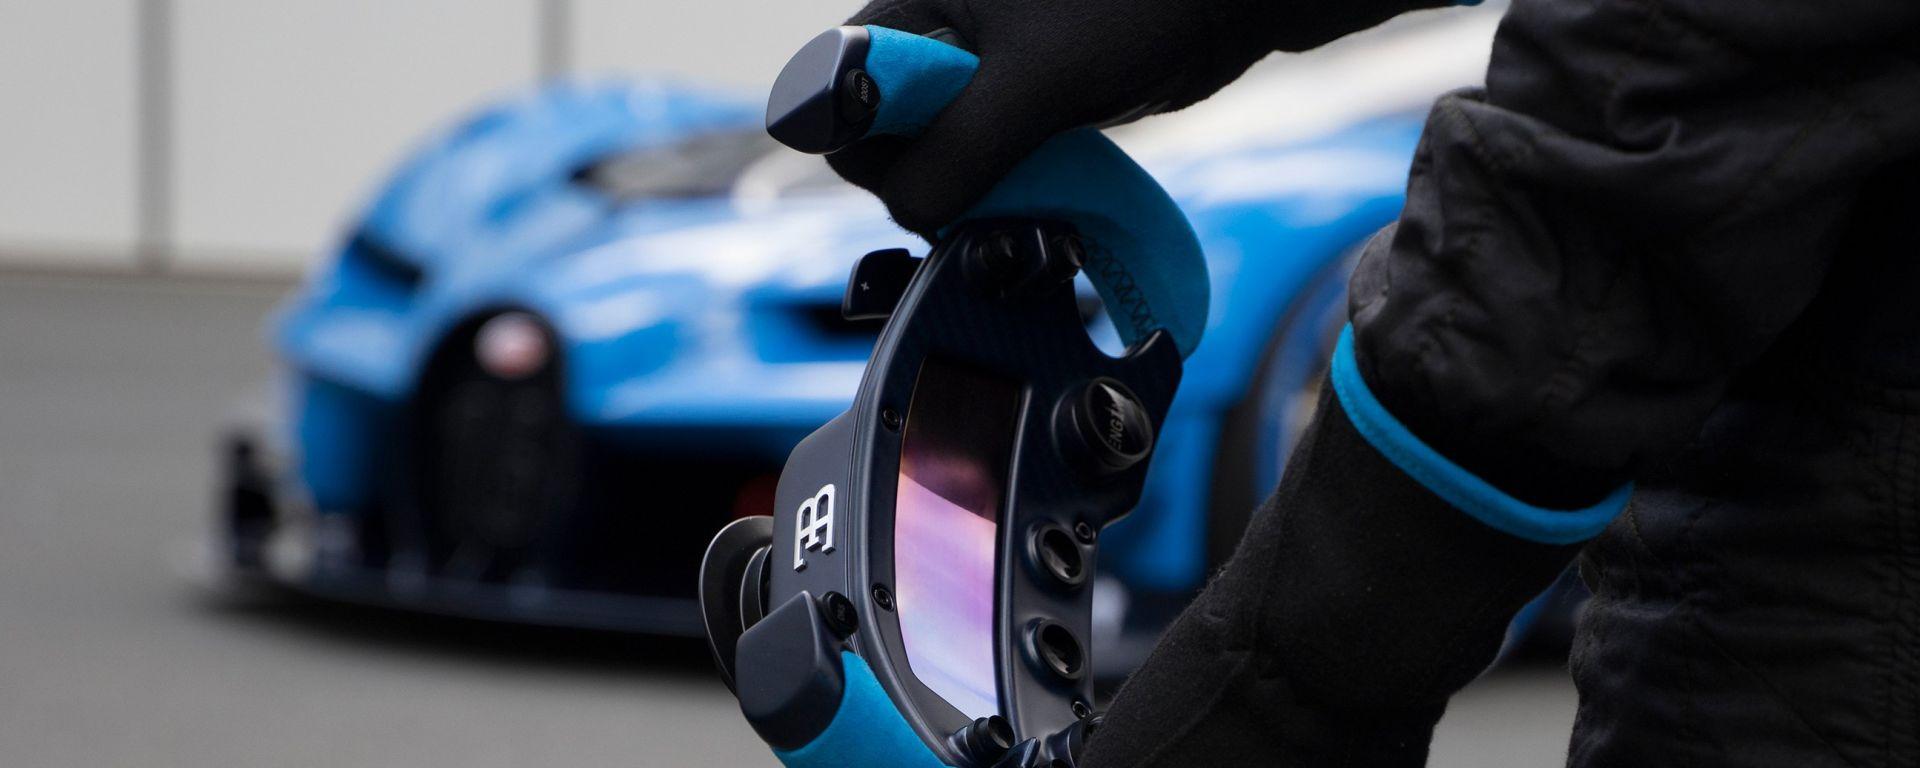 Bugatti Vision Gran Turismo: pronti a giocare?